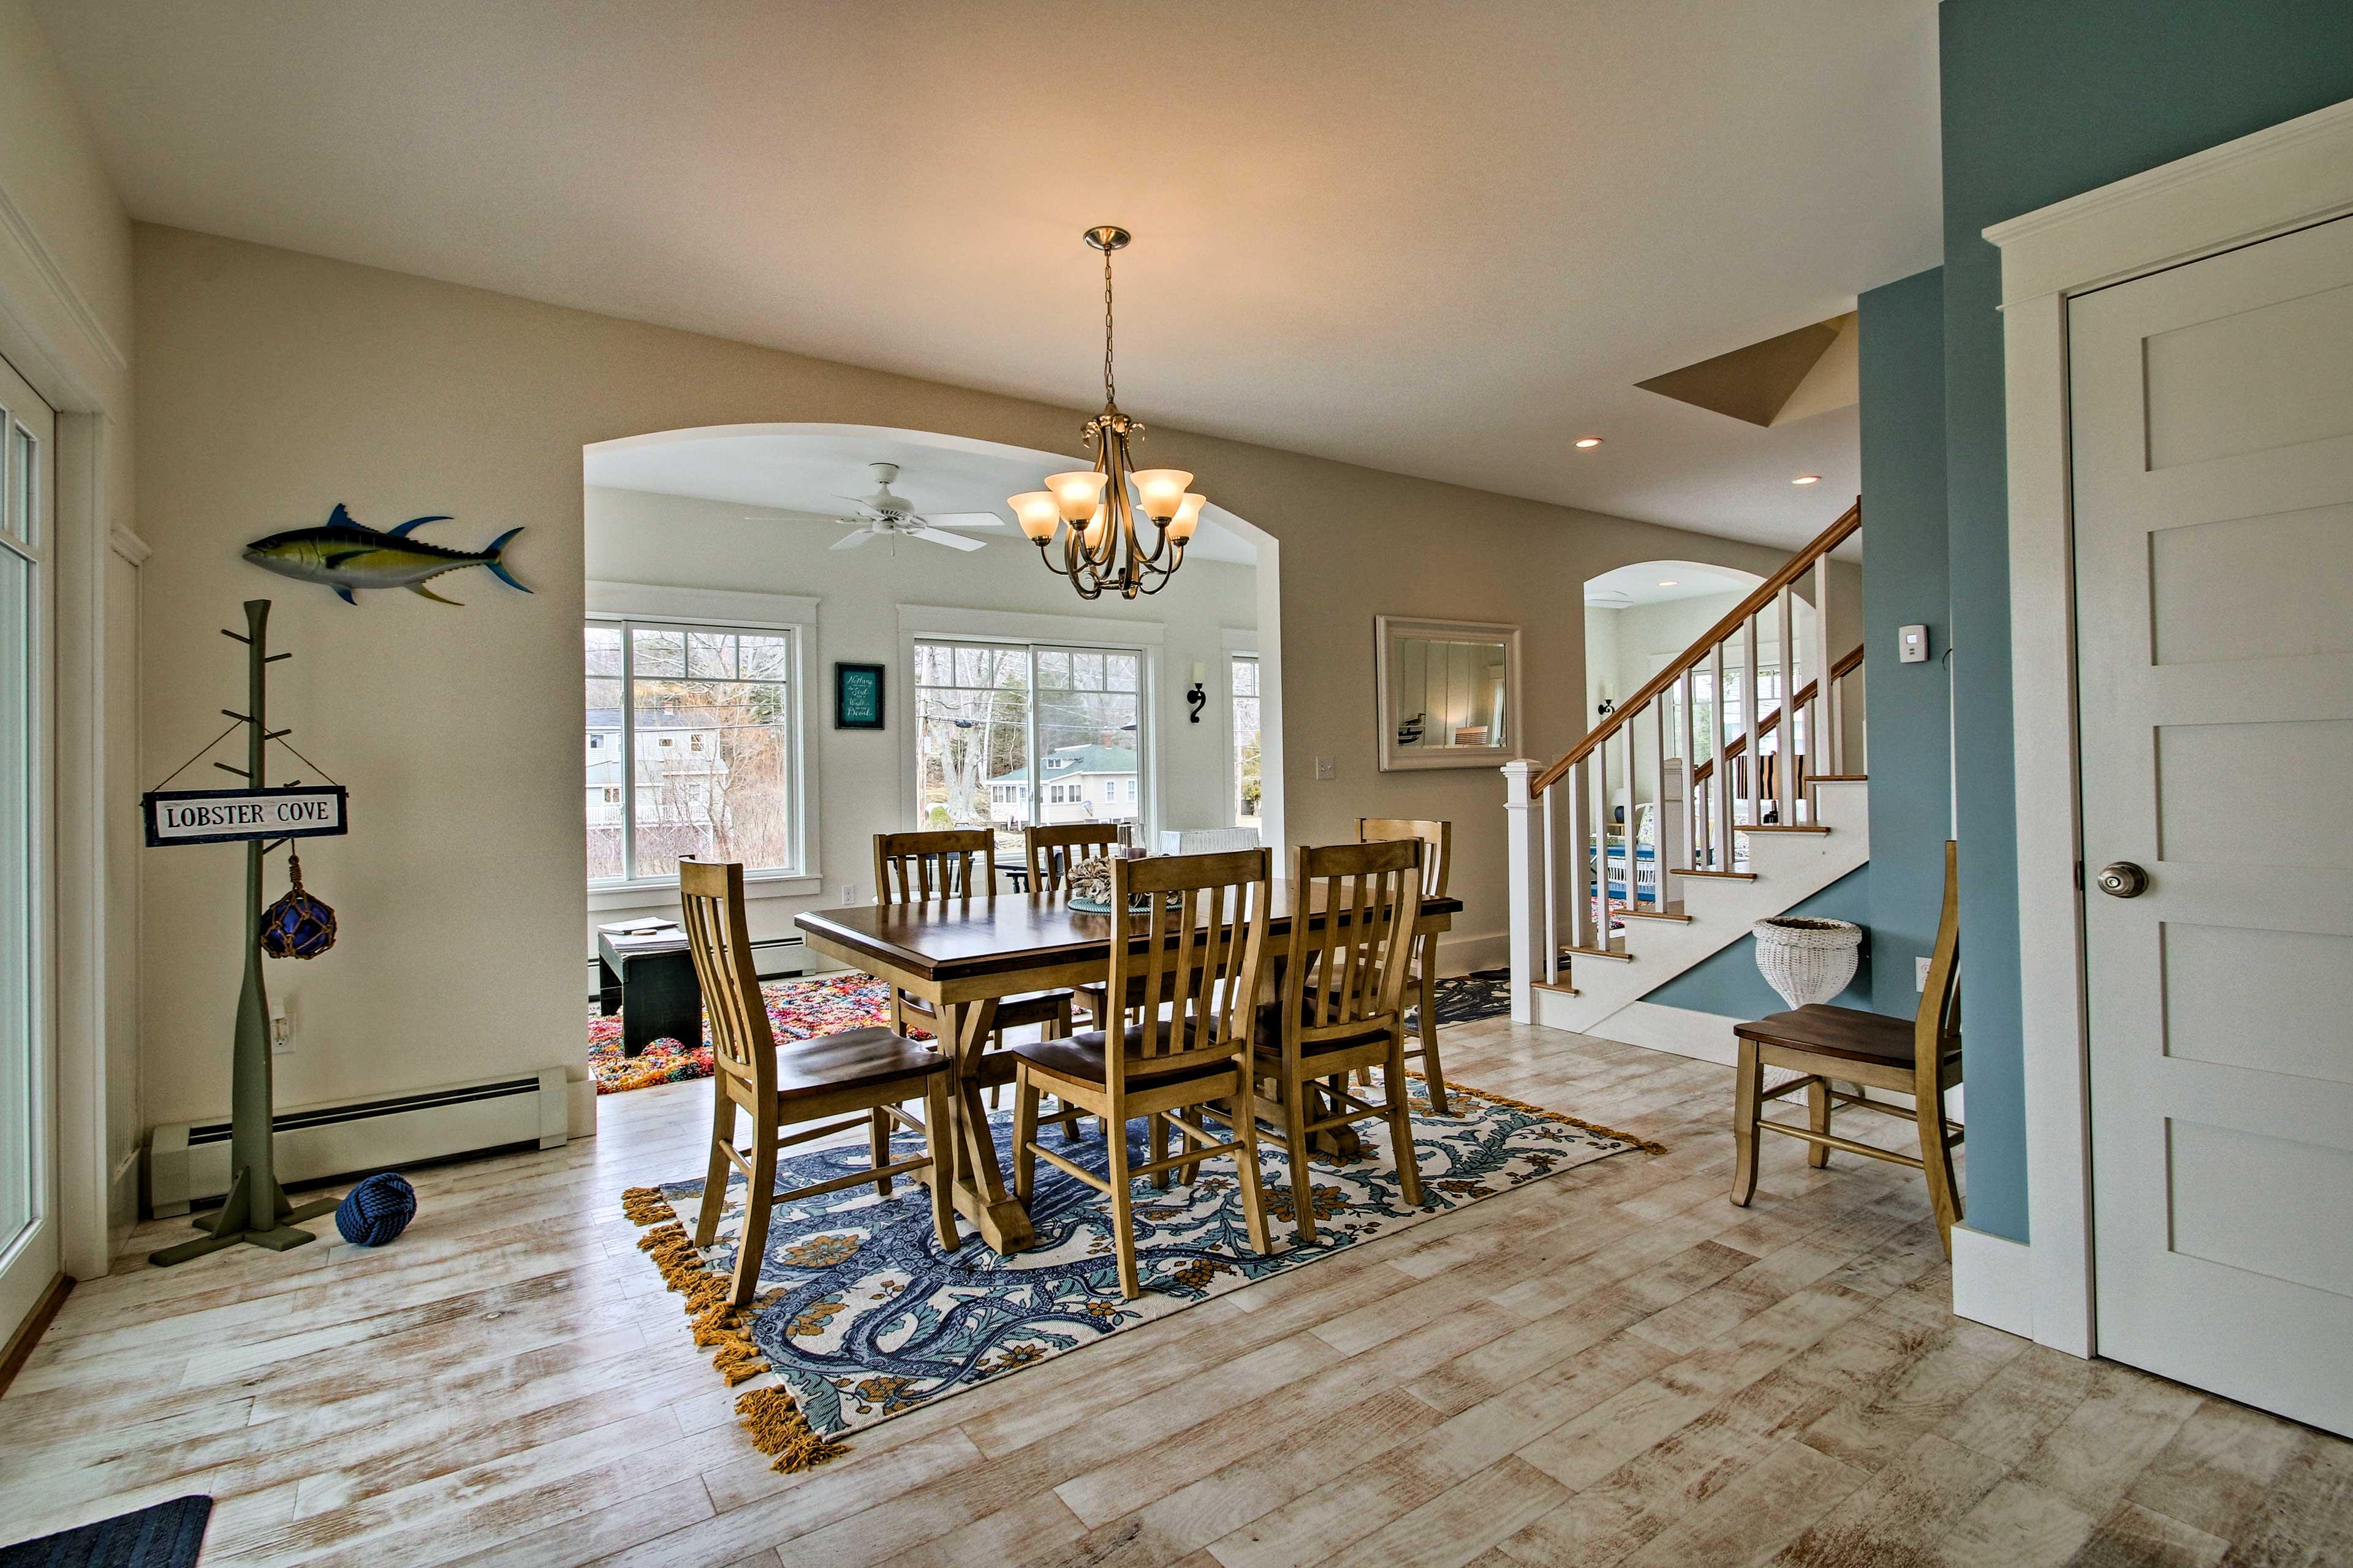 Nautical decor adorns each room of the home!